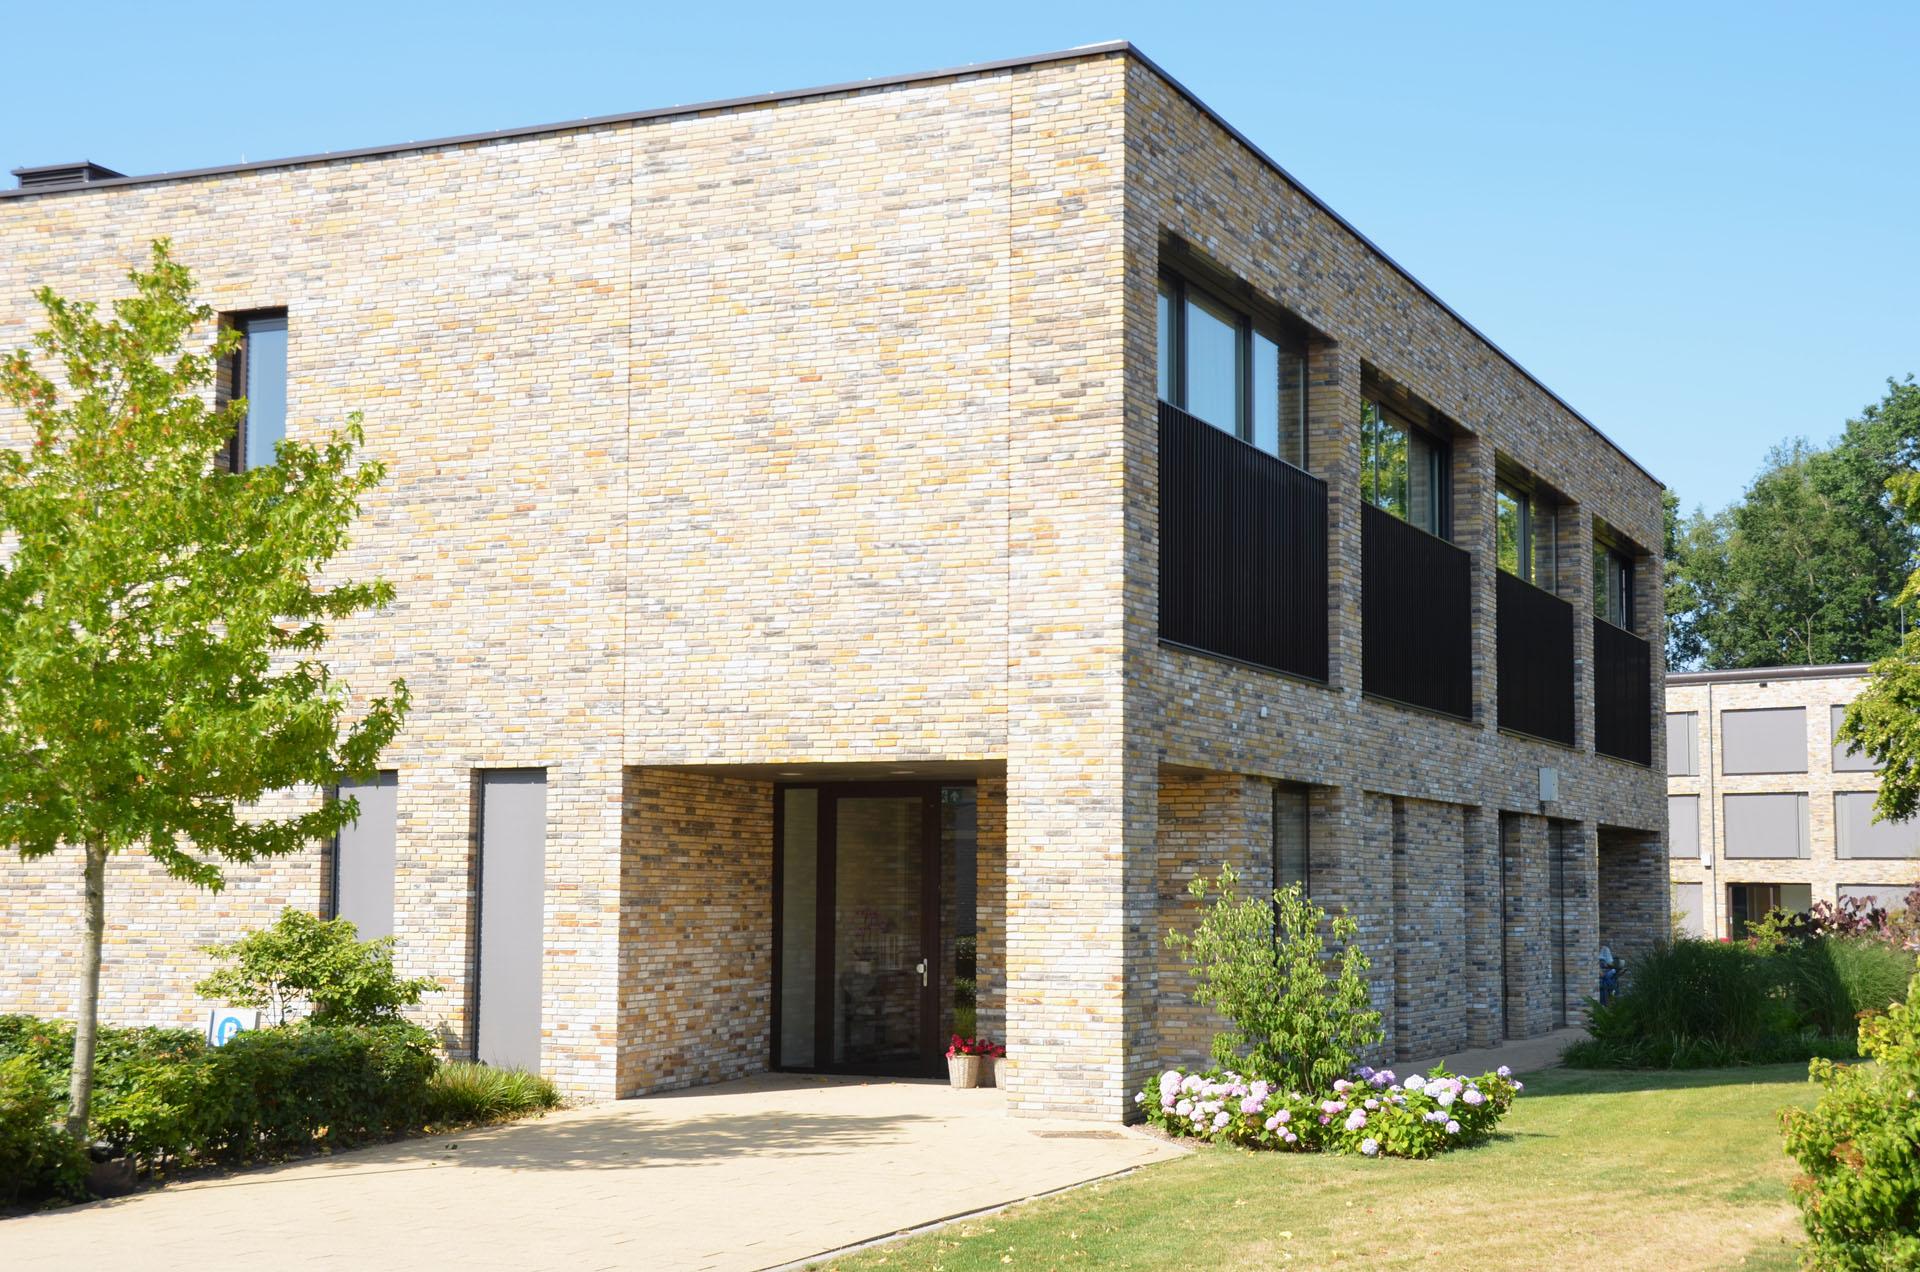 Project Woonzorgcentrum Berkenheuvel in Geldrop